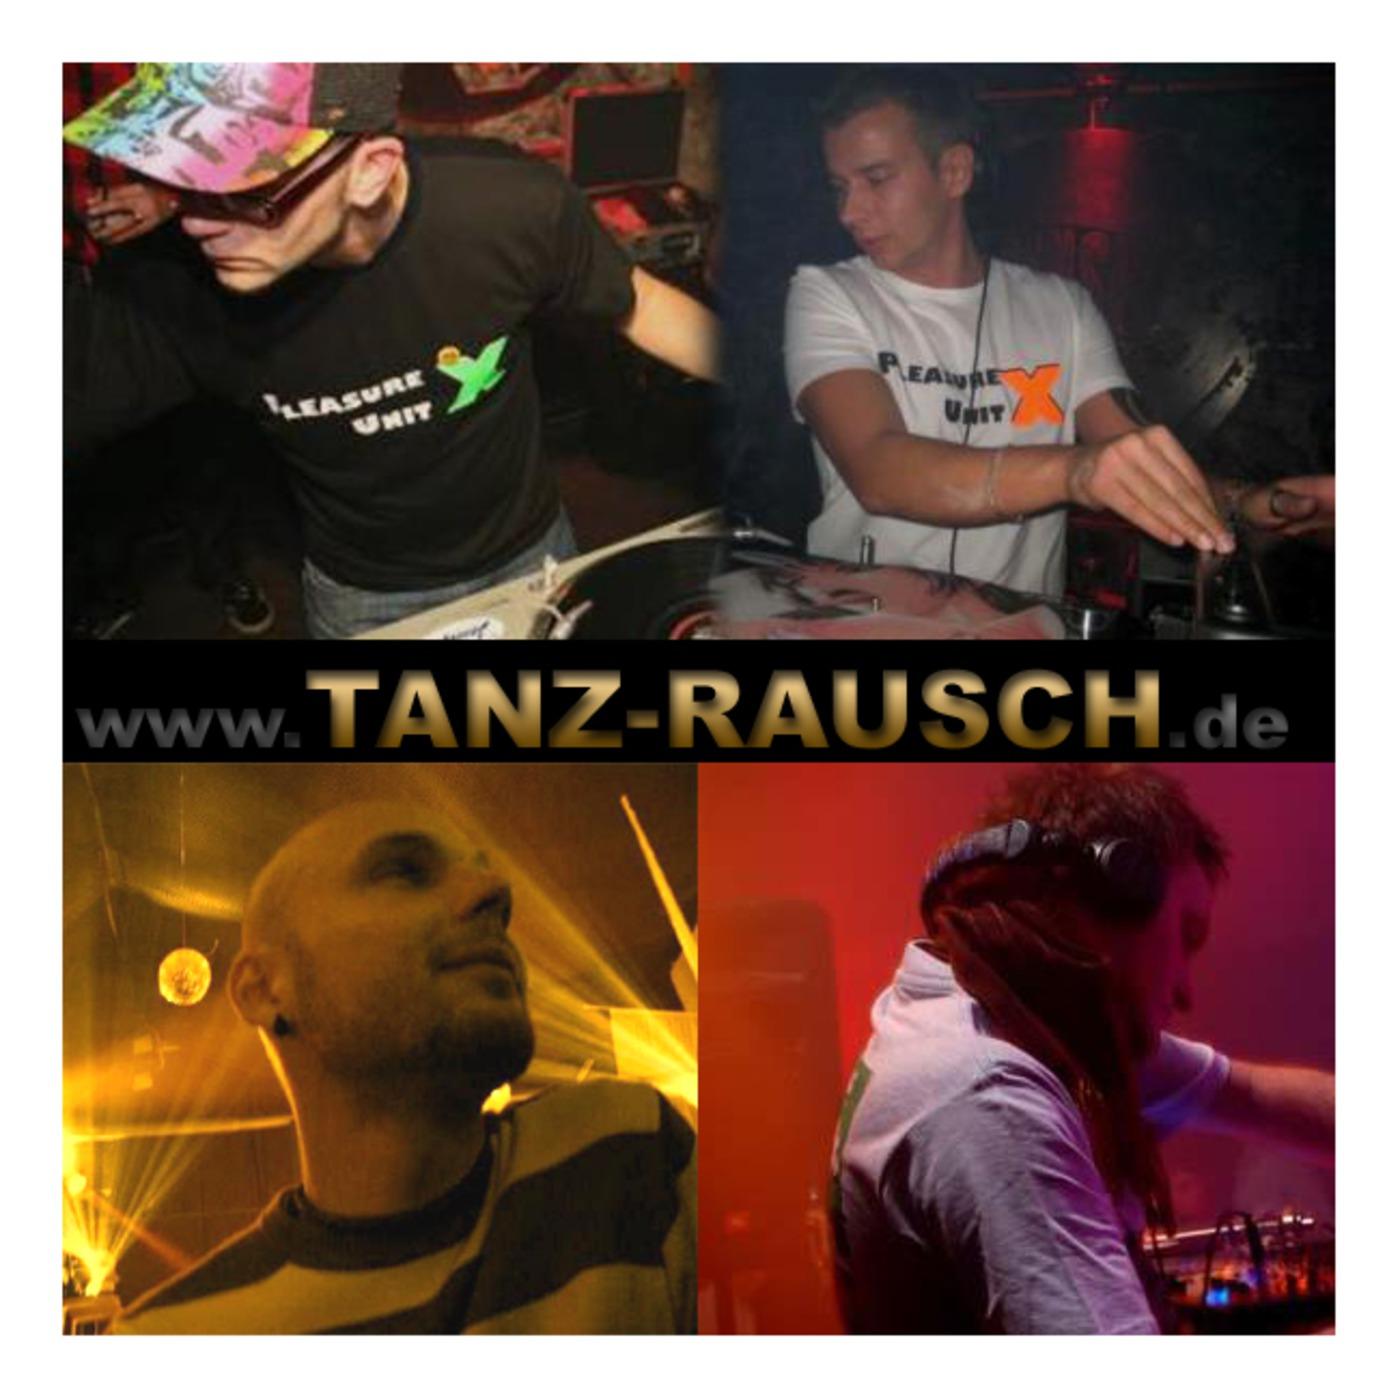 TANZ-RAUSCH Podcast